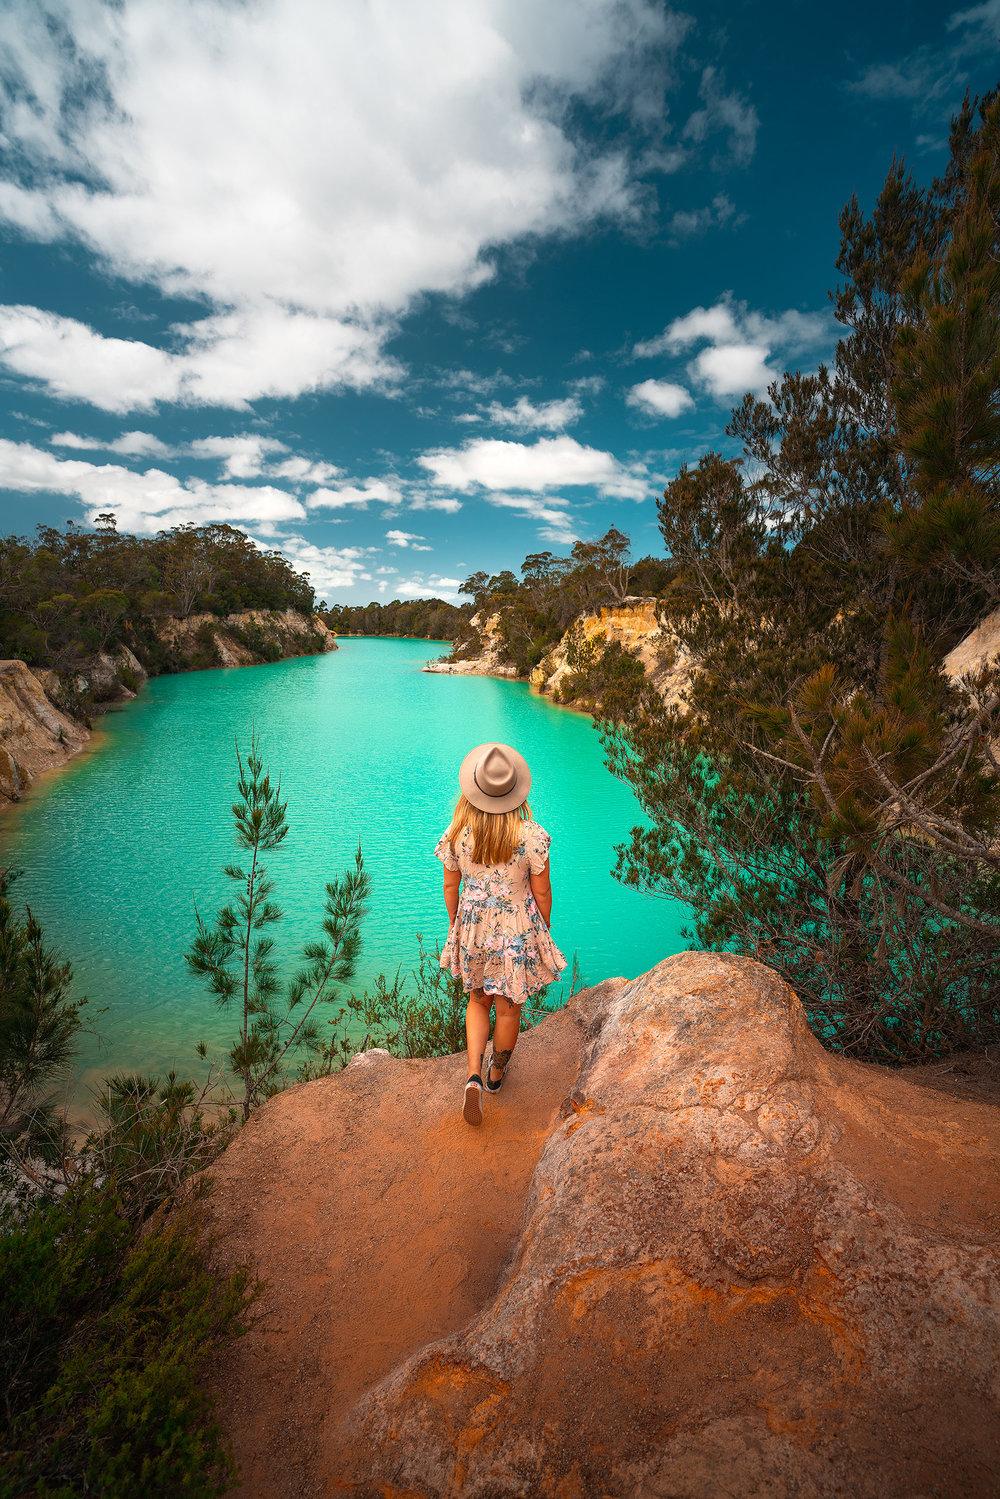 MattDonovan_Tasmania_LittleBlueLake_FB.jpg